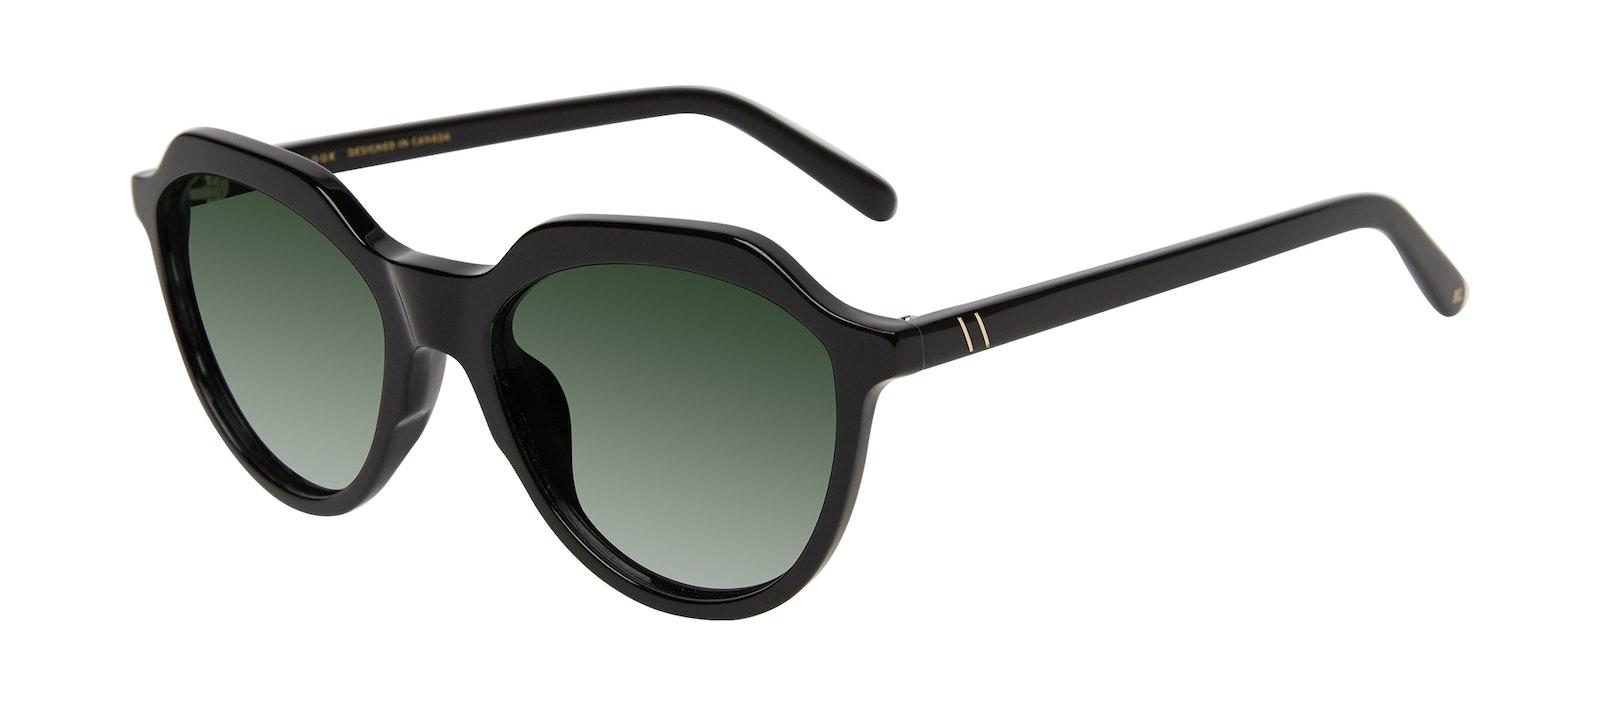 Affordable Fashion Glasses Round Sunglasses Women Jetsetter Black Tilt